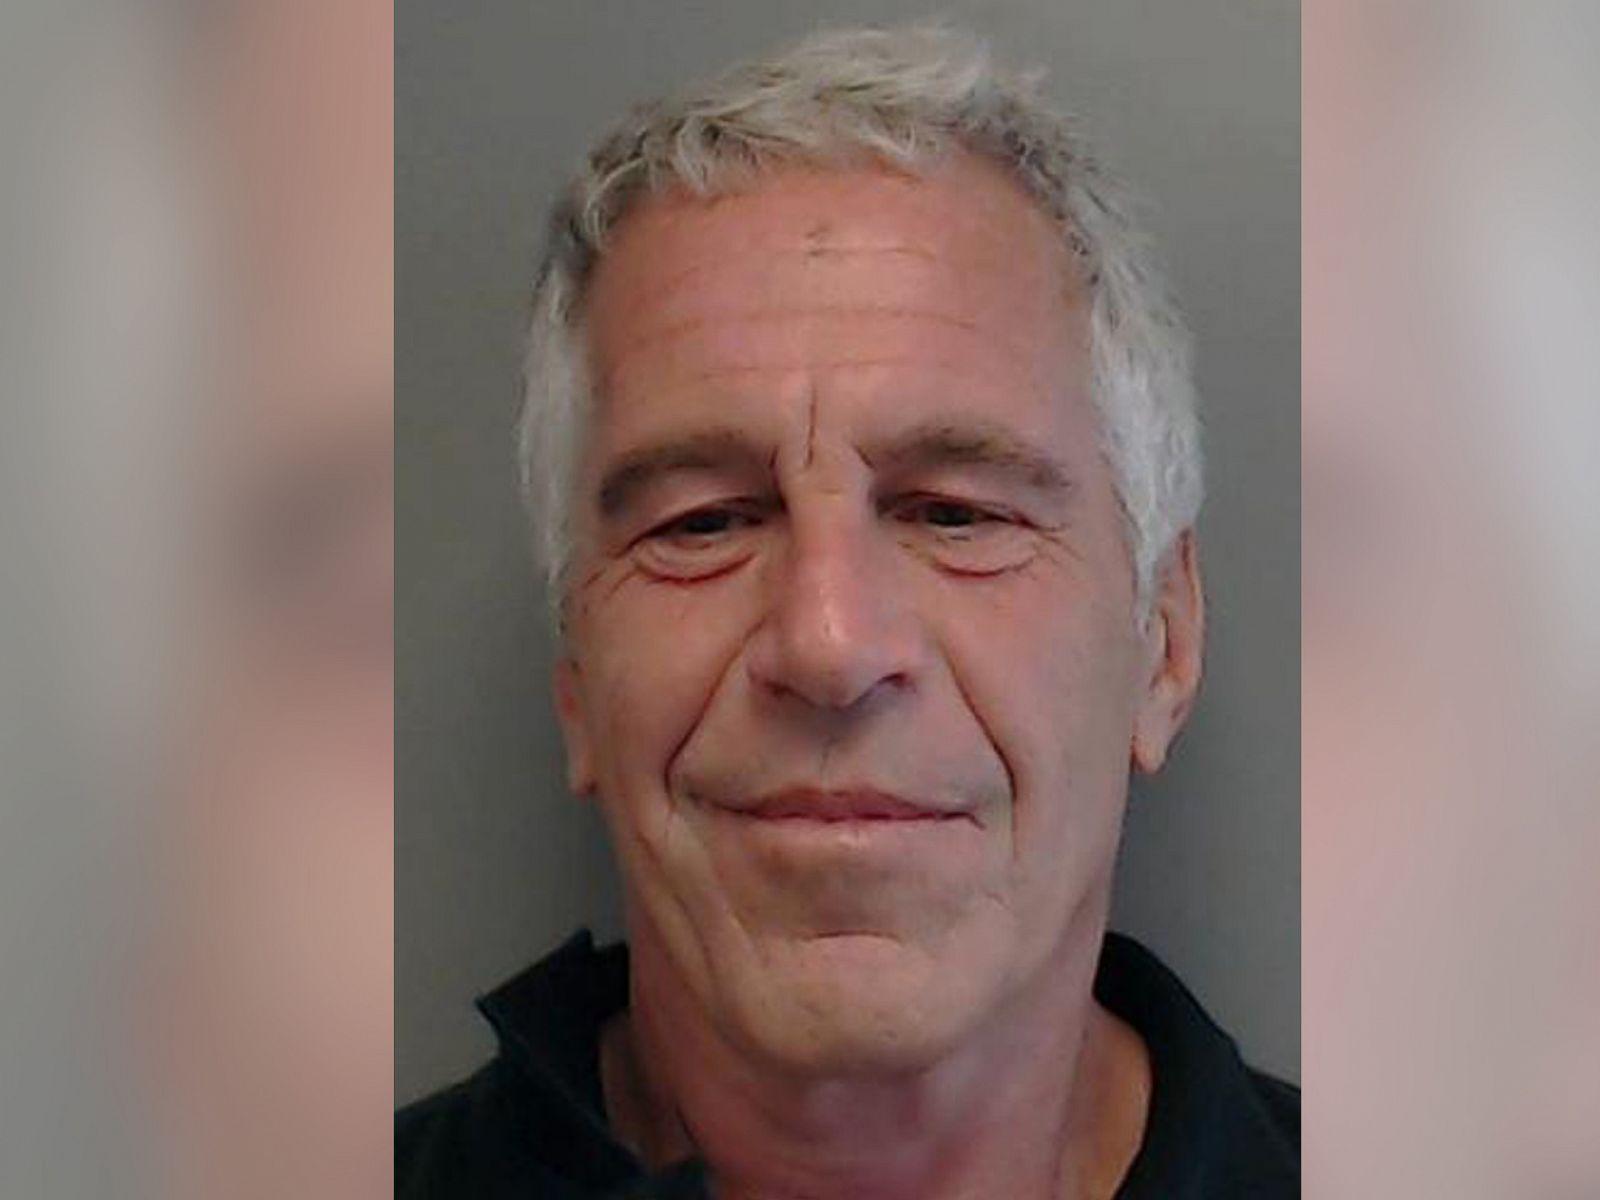 Epstein przekazał MIT 800 tys. dolarów. Uczelnia przeprasza